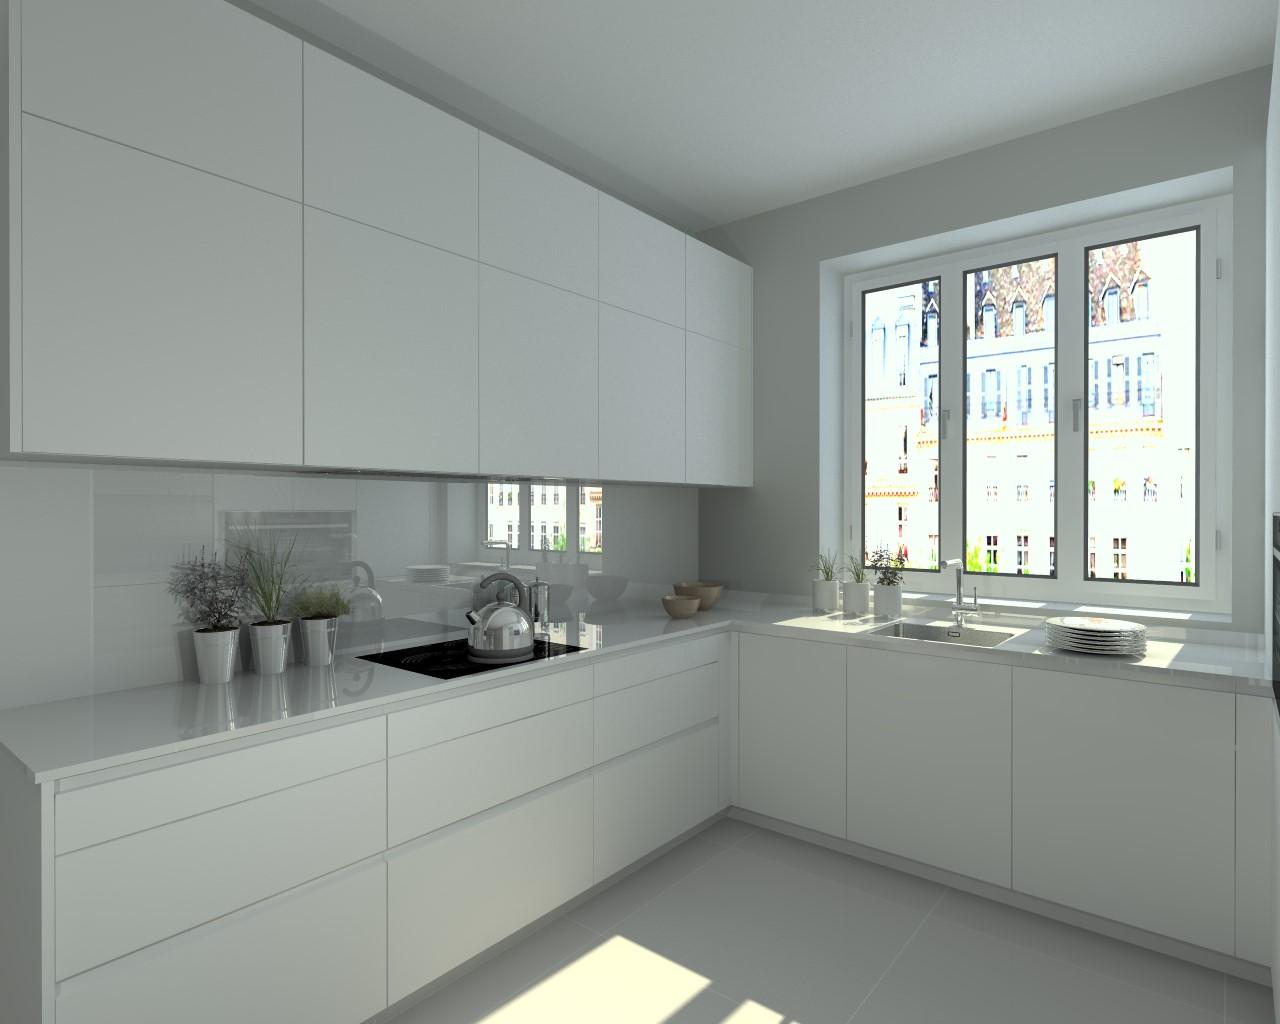 Aravaca cocina santos modelo line e blanco encimera for Cocinas precios y modelos